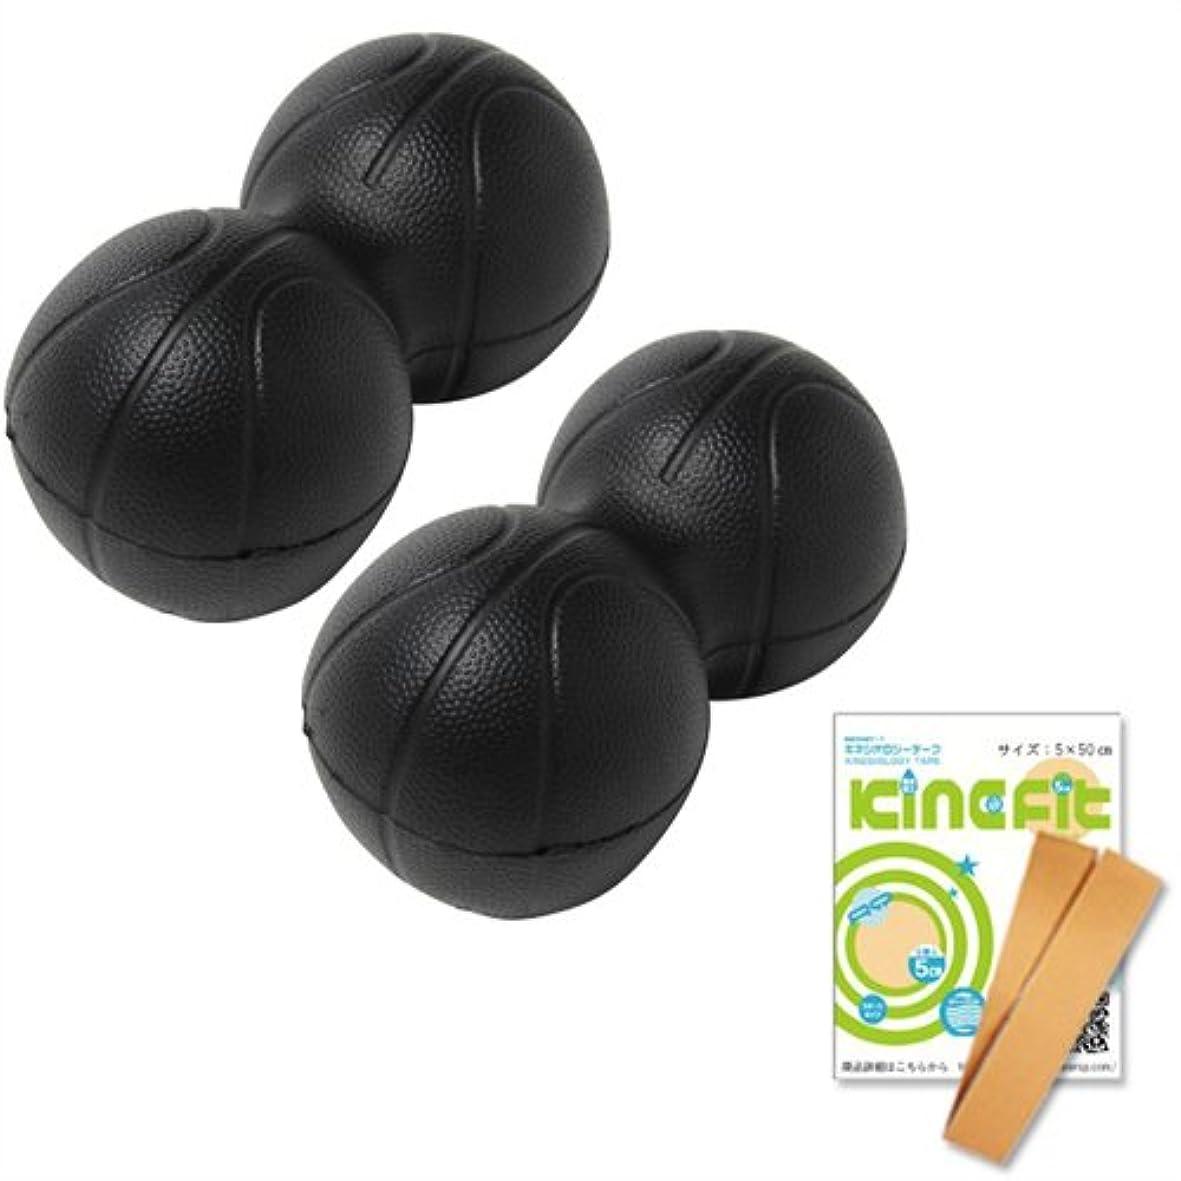 ヘア事業内容定刻パワーポジションボール ×2個セット + キネシオロジーテープ キネフィットお試し用50cm セット